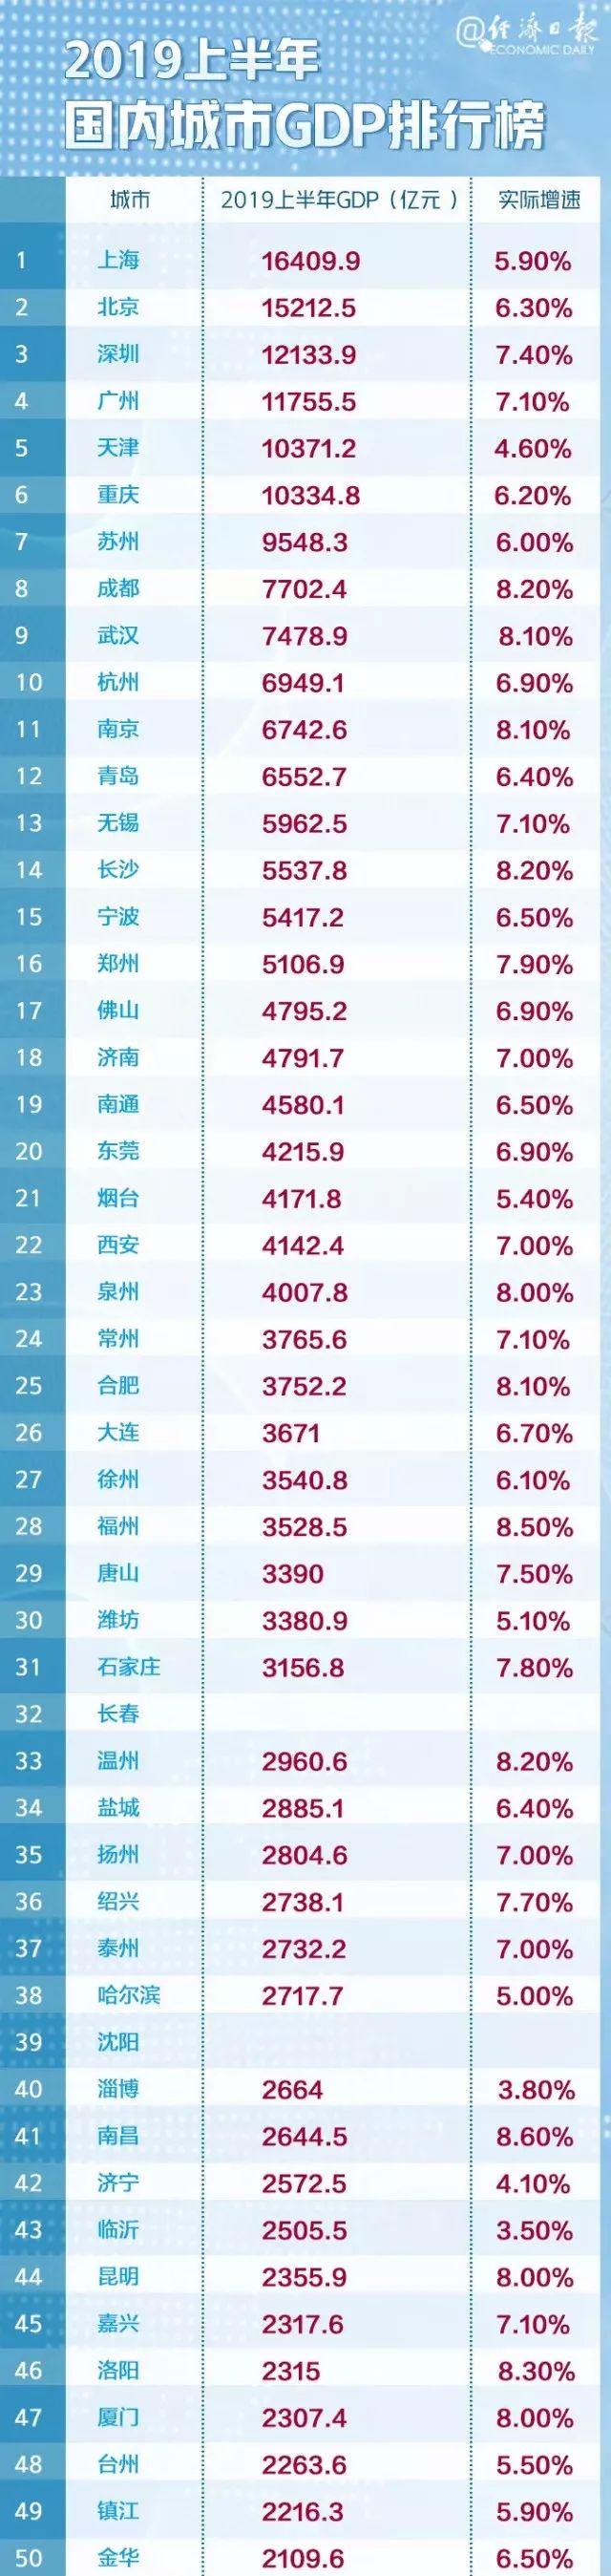 腻害!岳阳上榜中国城市GDP百强!排名为……